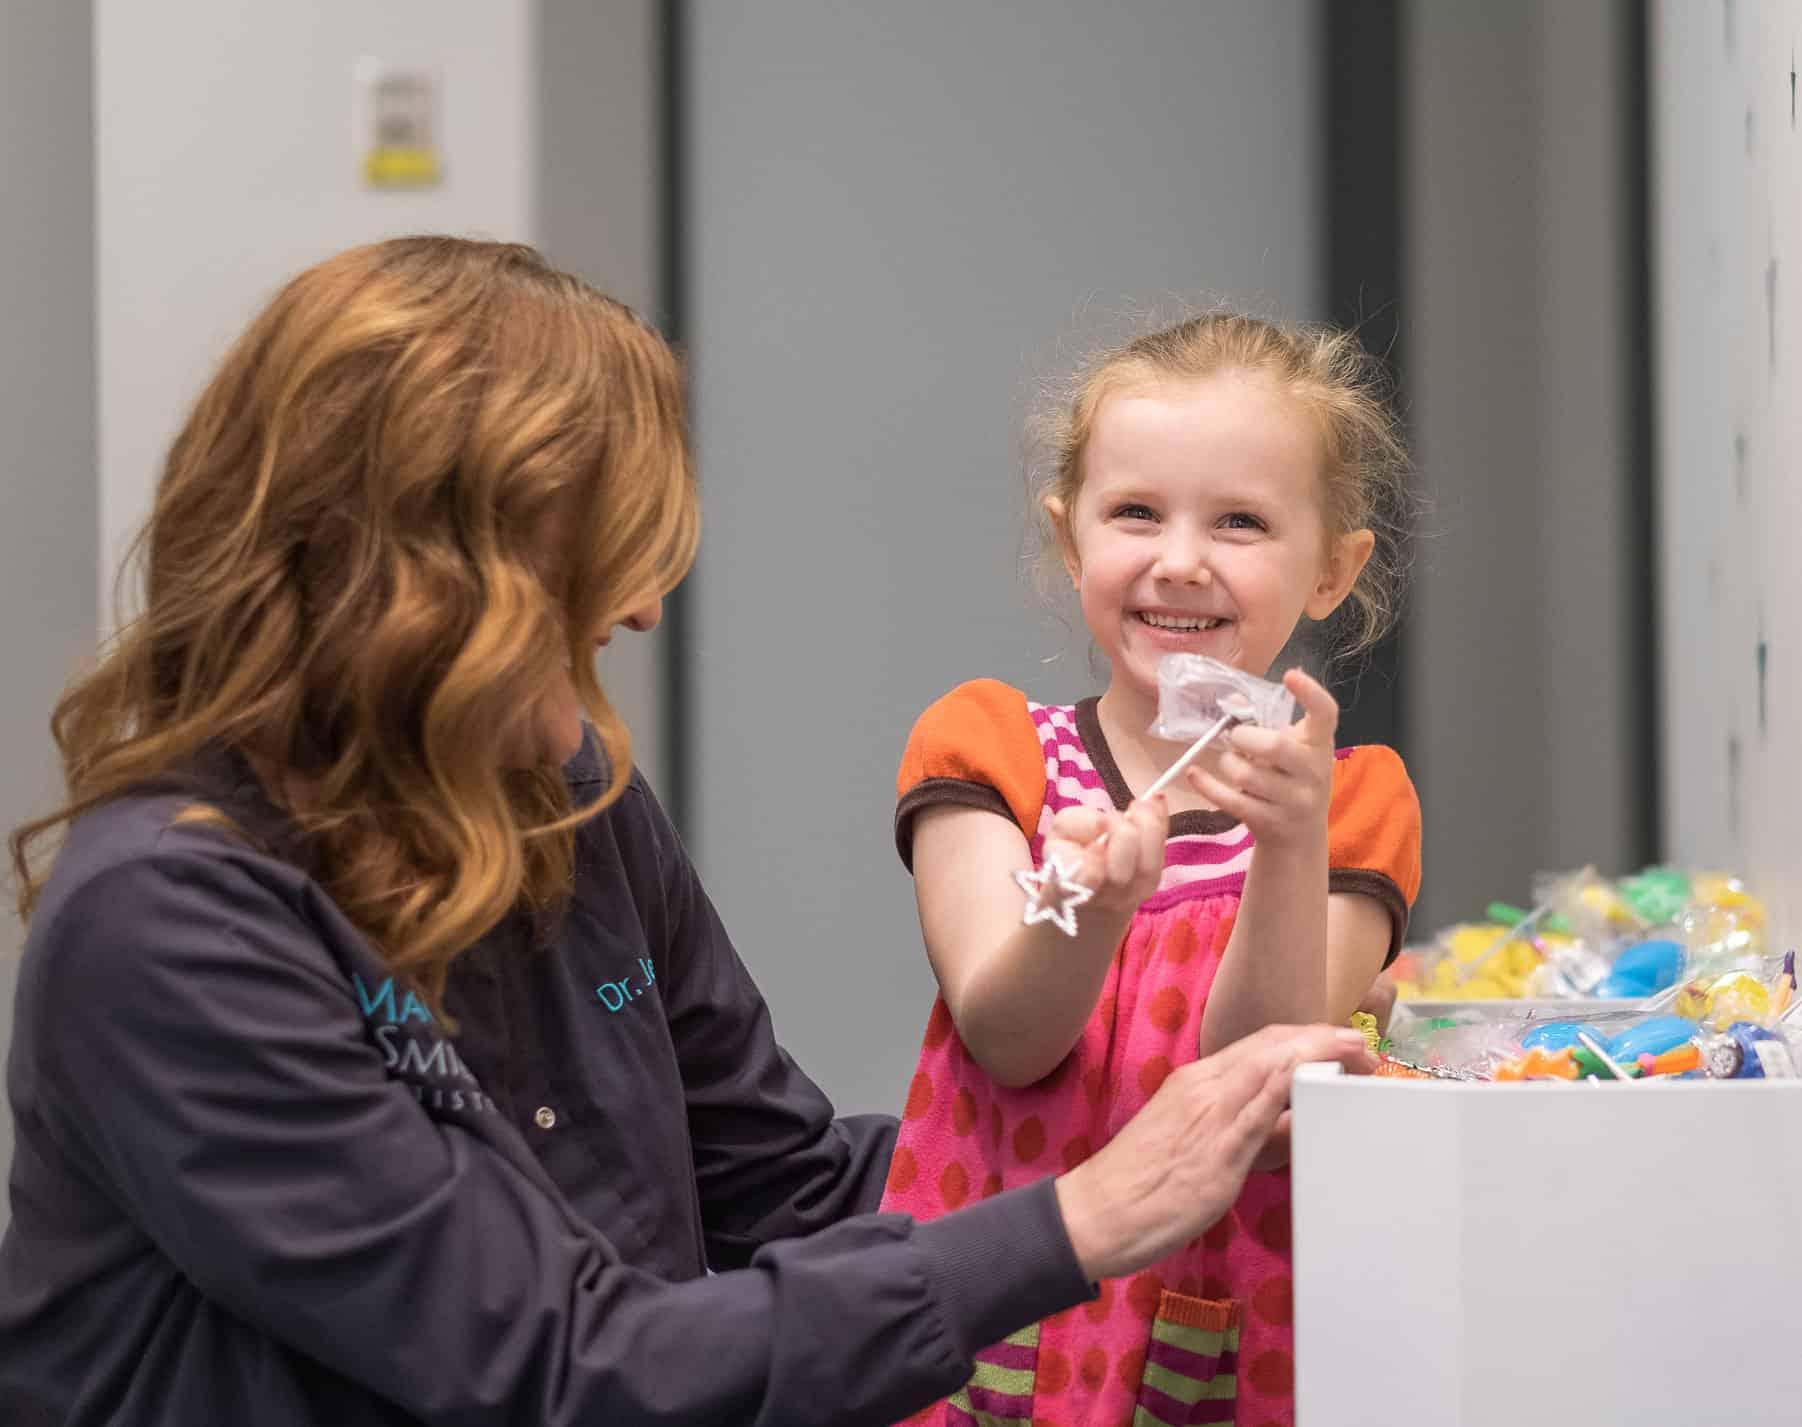 Patients Magic Smiles Dentistry 2019 El Dorado Hills California Dentist 15 2 - Why Are Baby Teeth So Important?